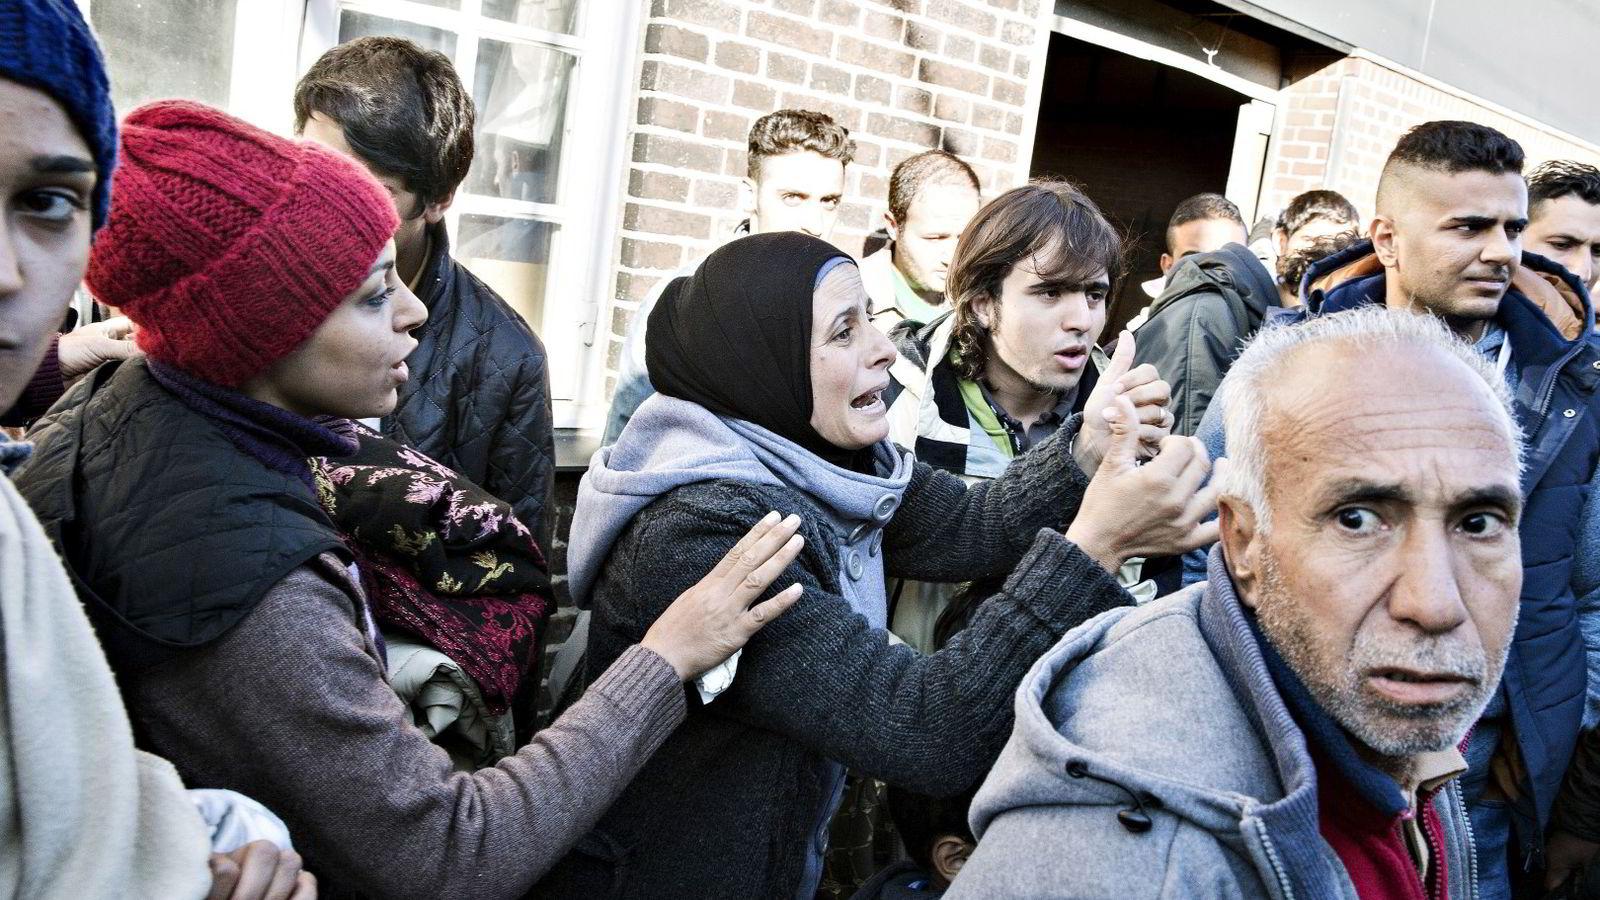 Det var kaos i gatene i danske Rødbyhavn sent onsdag kveld. På bildet en gruppe flyktninger på Padborg-stasjonen i Danmark. Foto: Alex Luka Ladime/Reuters/NTB scanpix